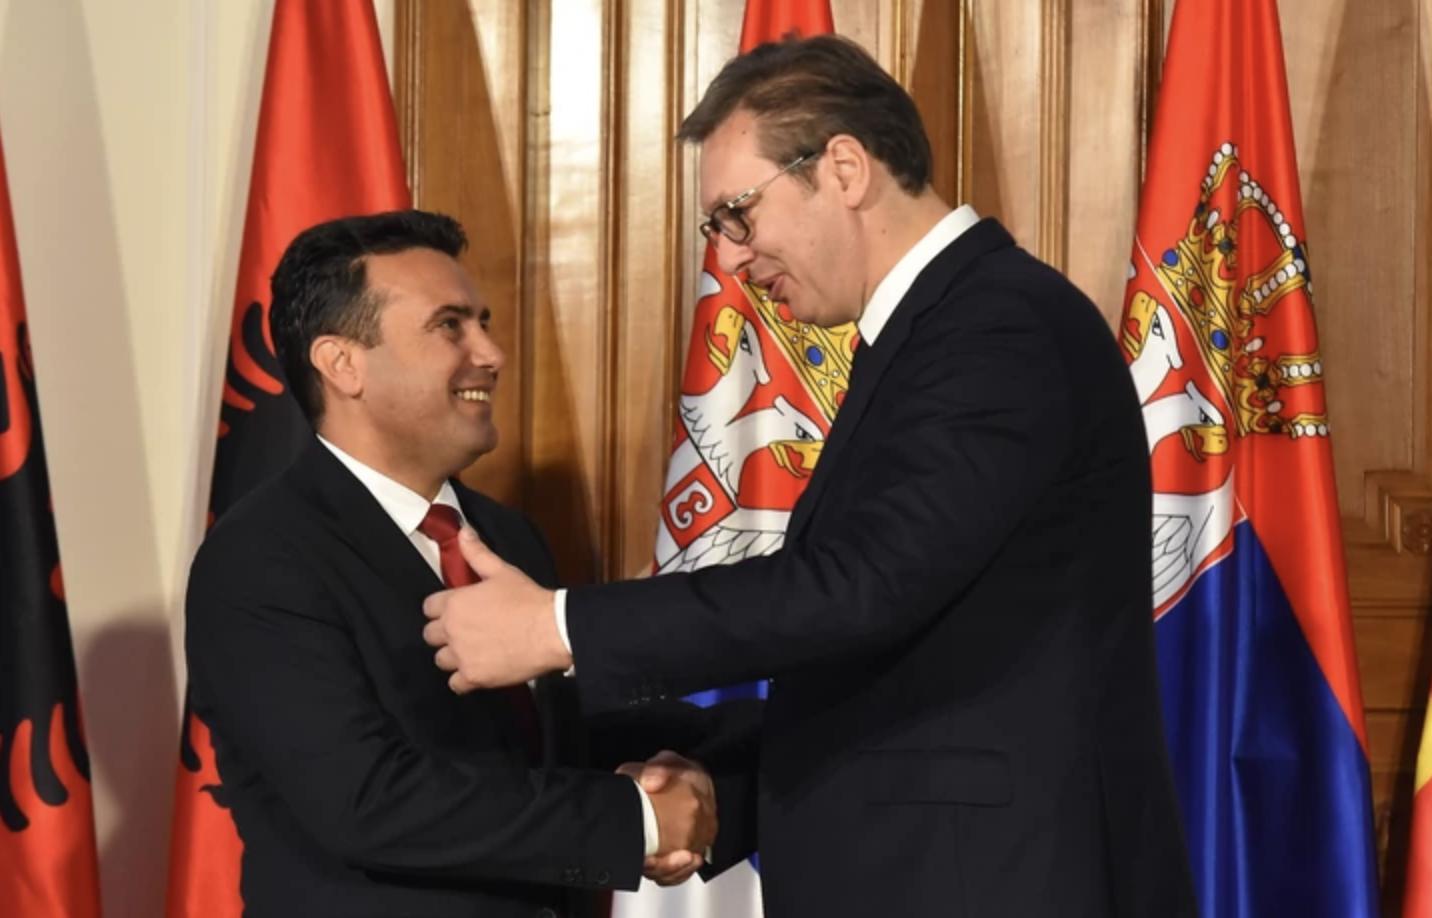 Βόρεια Μακεδονία: Ευγνώμων ο Zaev για τη νέα δωρεά εμβολίων από την Σερβία